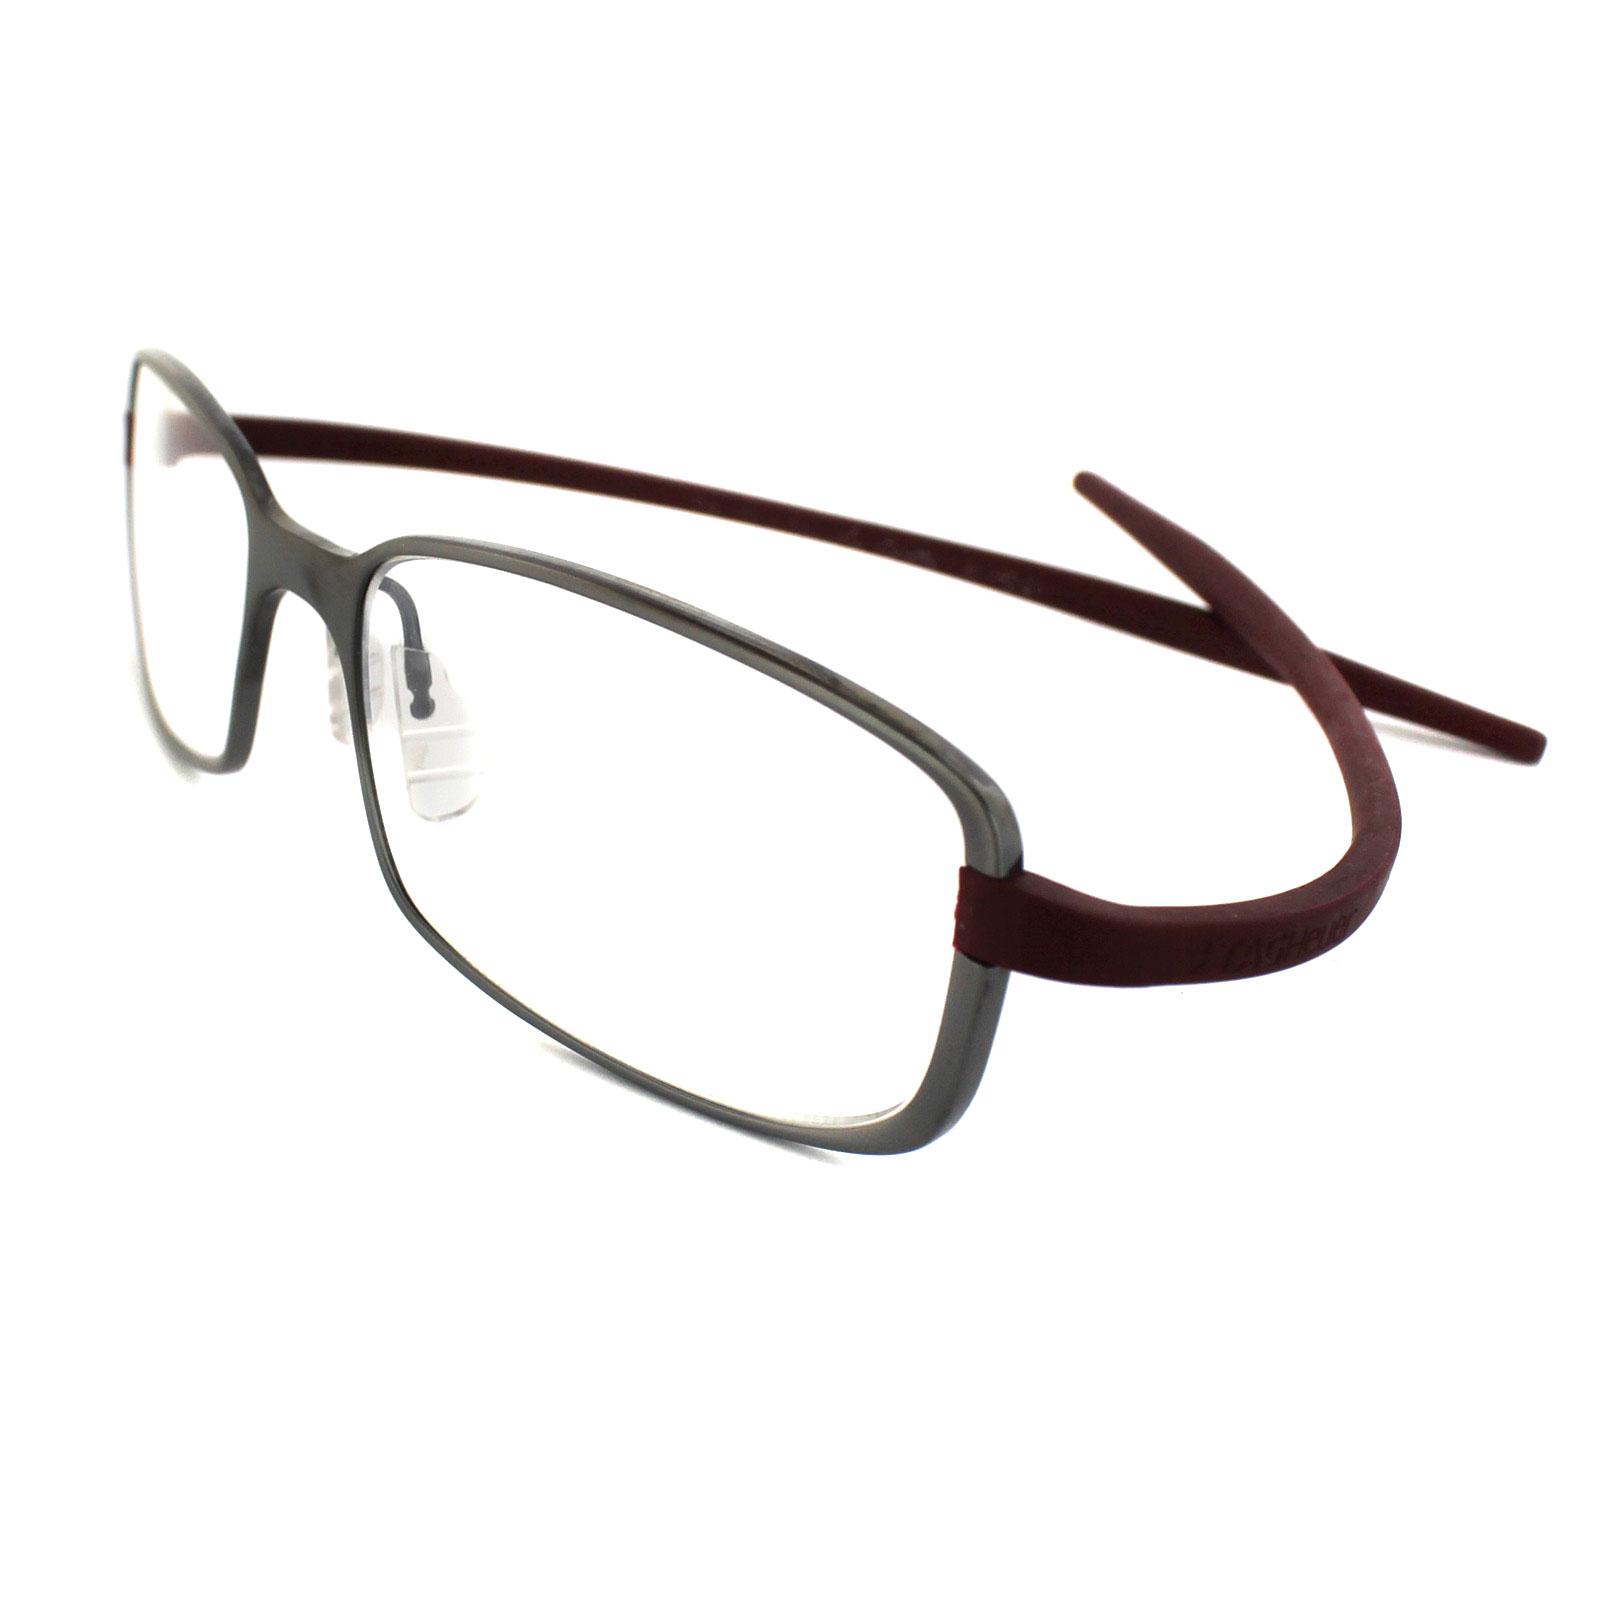 tag heuer glasses 3706 018 ceramic titanium silver frames